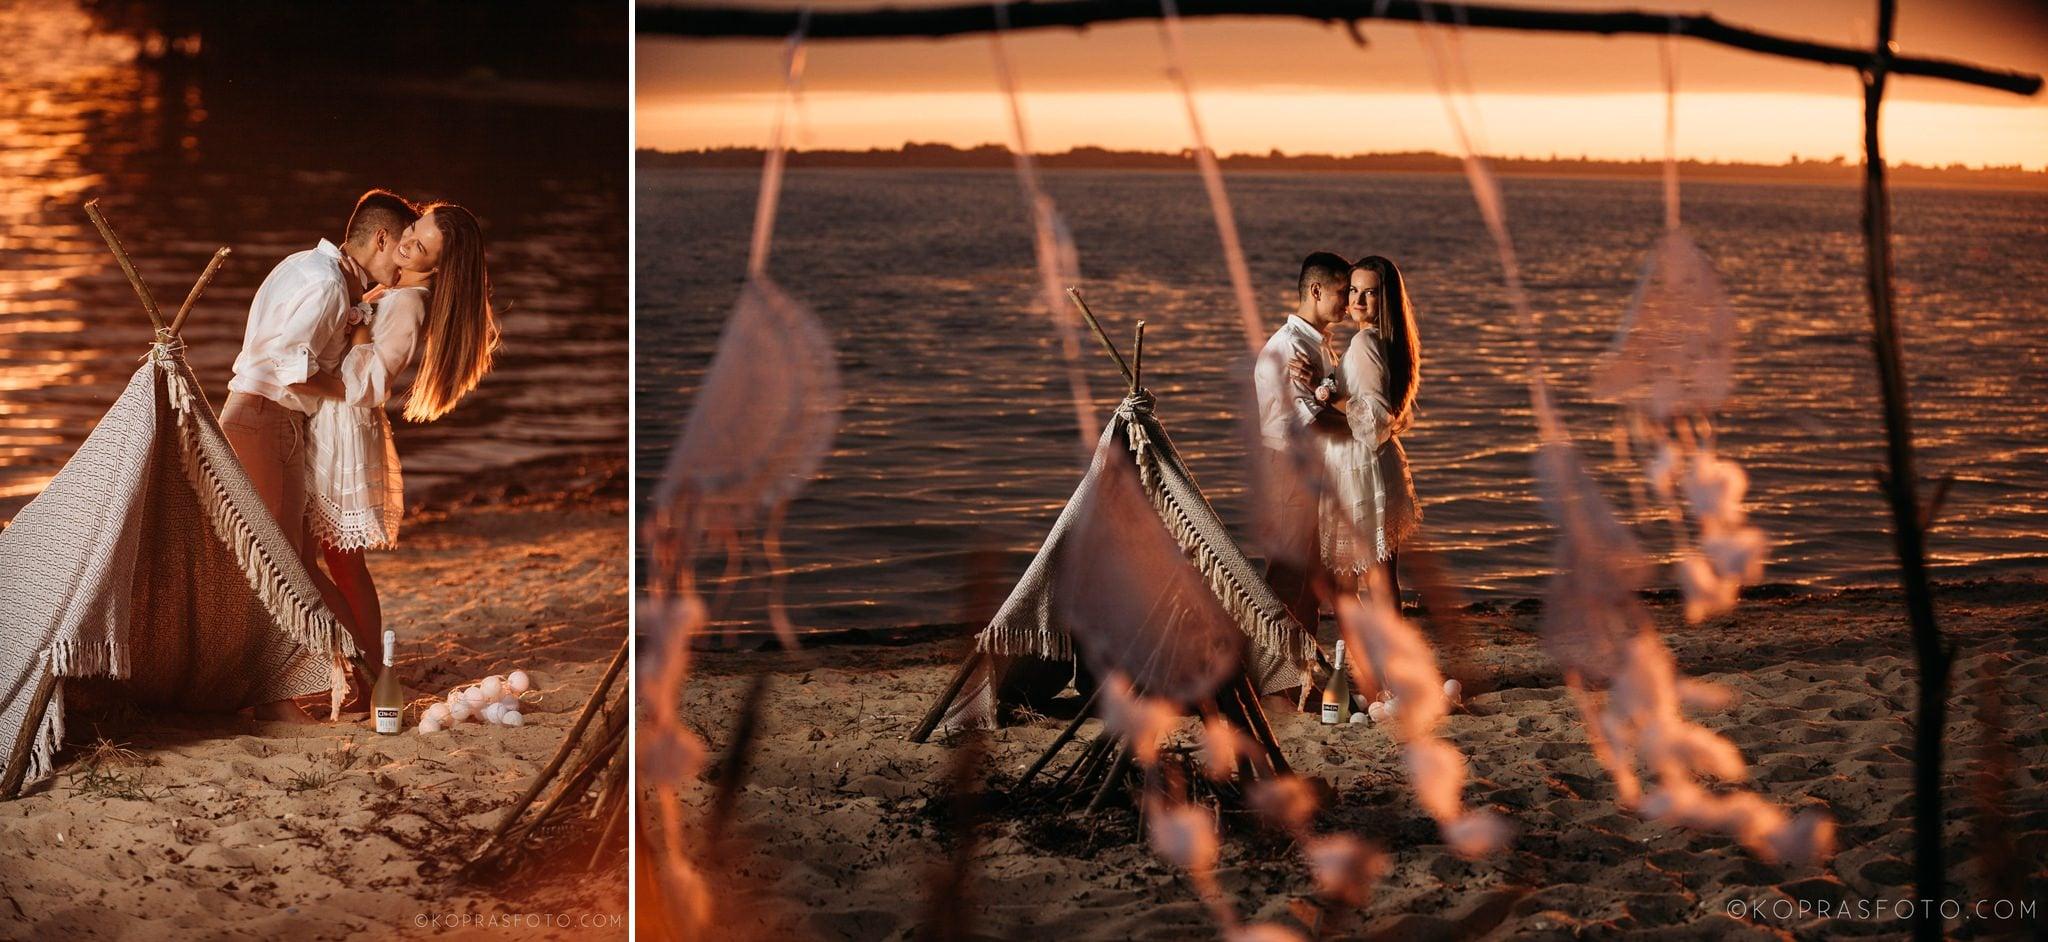 romantyczna sesja narzeczeńska, piękne zdjęcia, kreatywna fotografia, zbiornik jeziorsko,fotografia śłubna Ostrów Wielkopolski, przepiękne zdjęcia śłubne, sesje narzeczeńskie, Ostrów Wielkoposki, zdjęcia slubne Ostrów Wlkp,